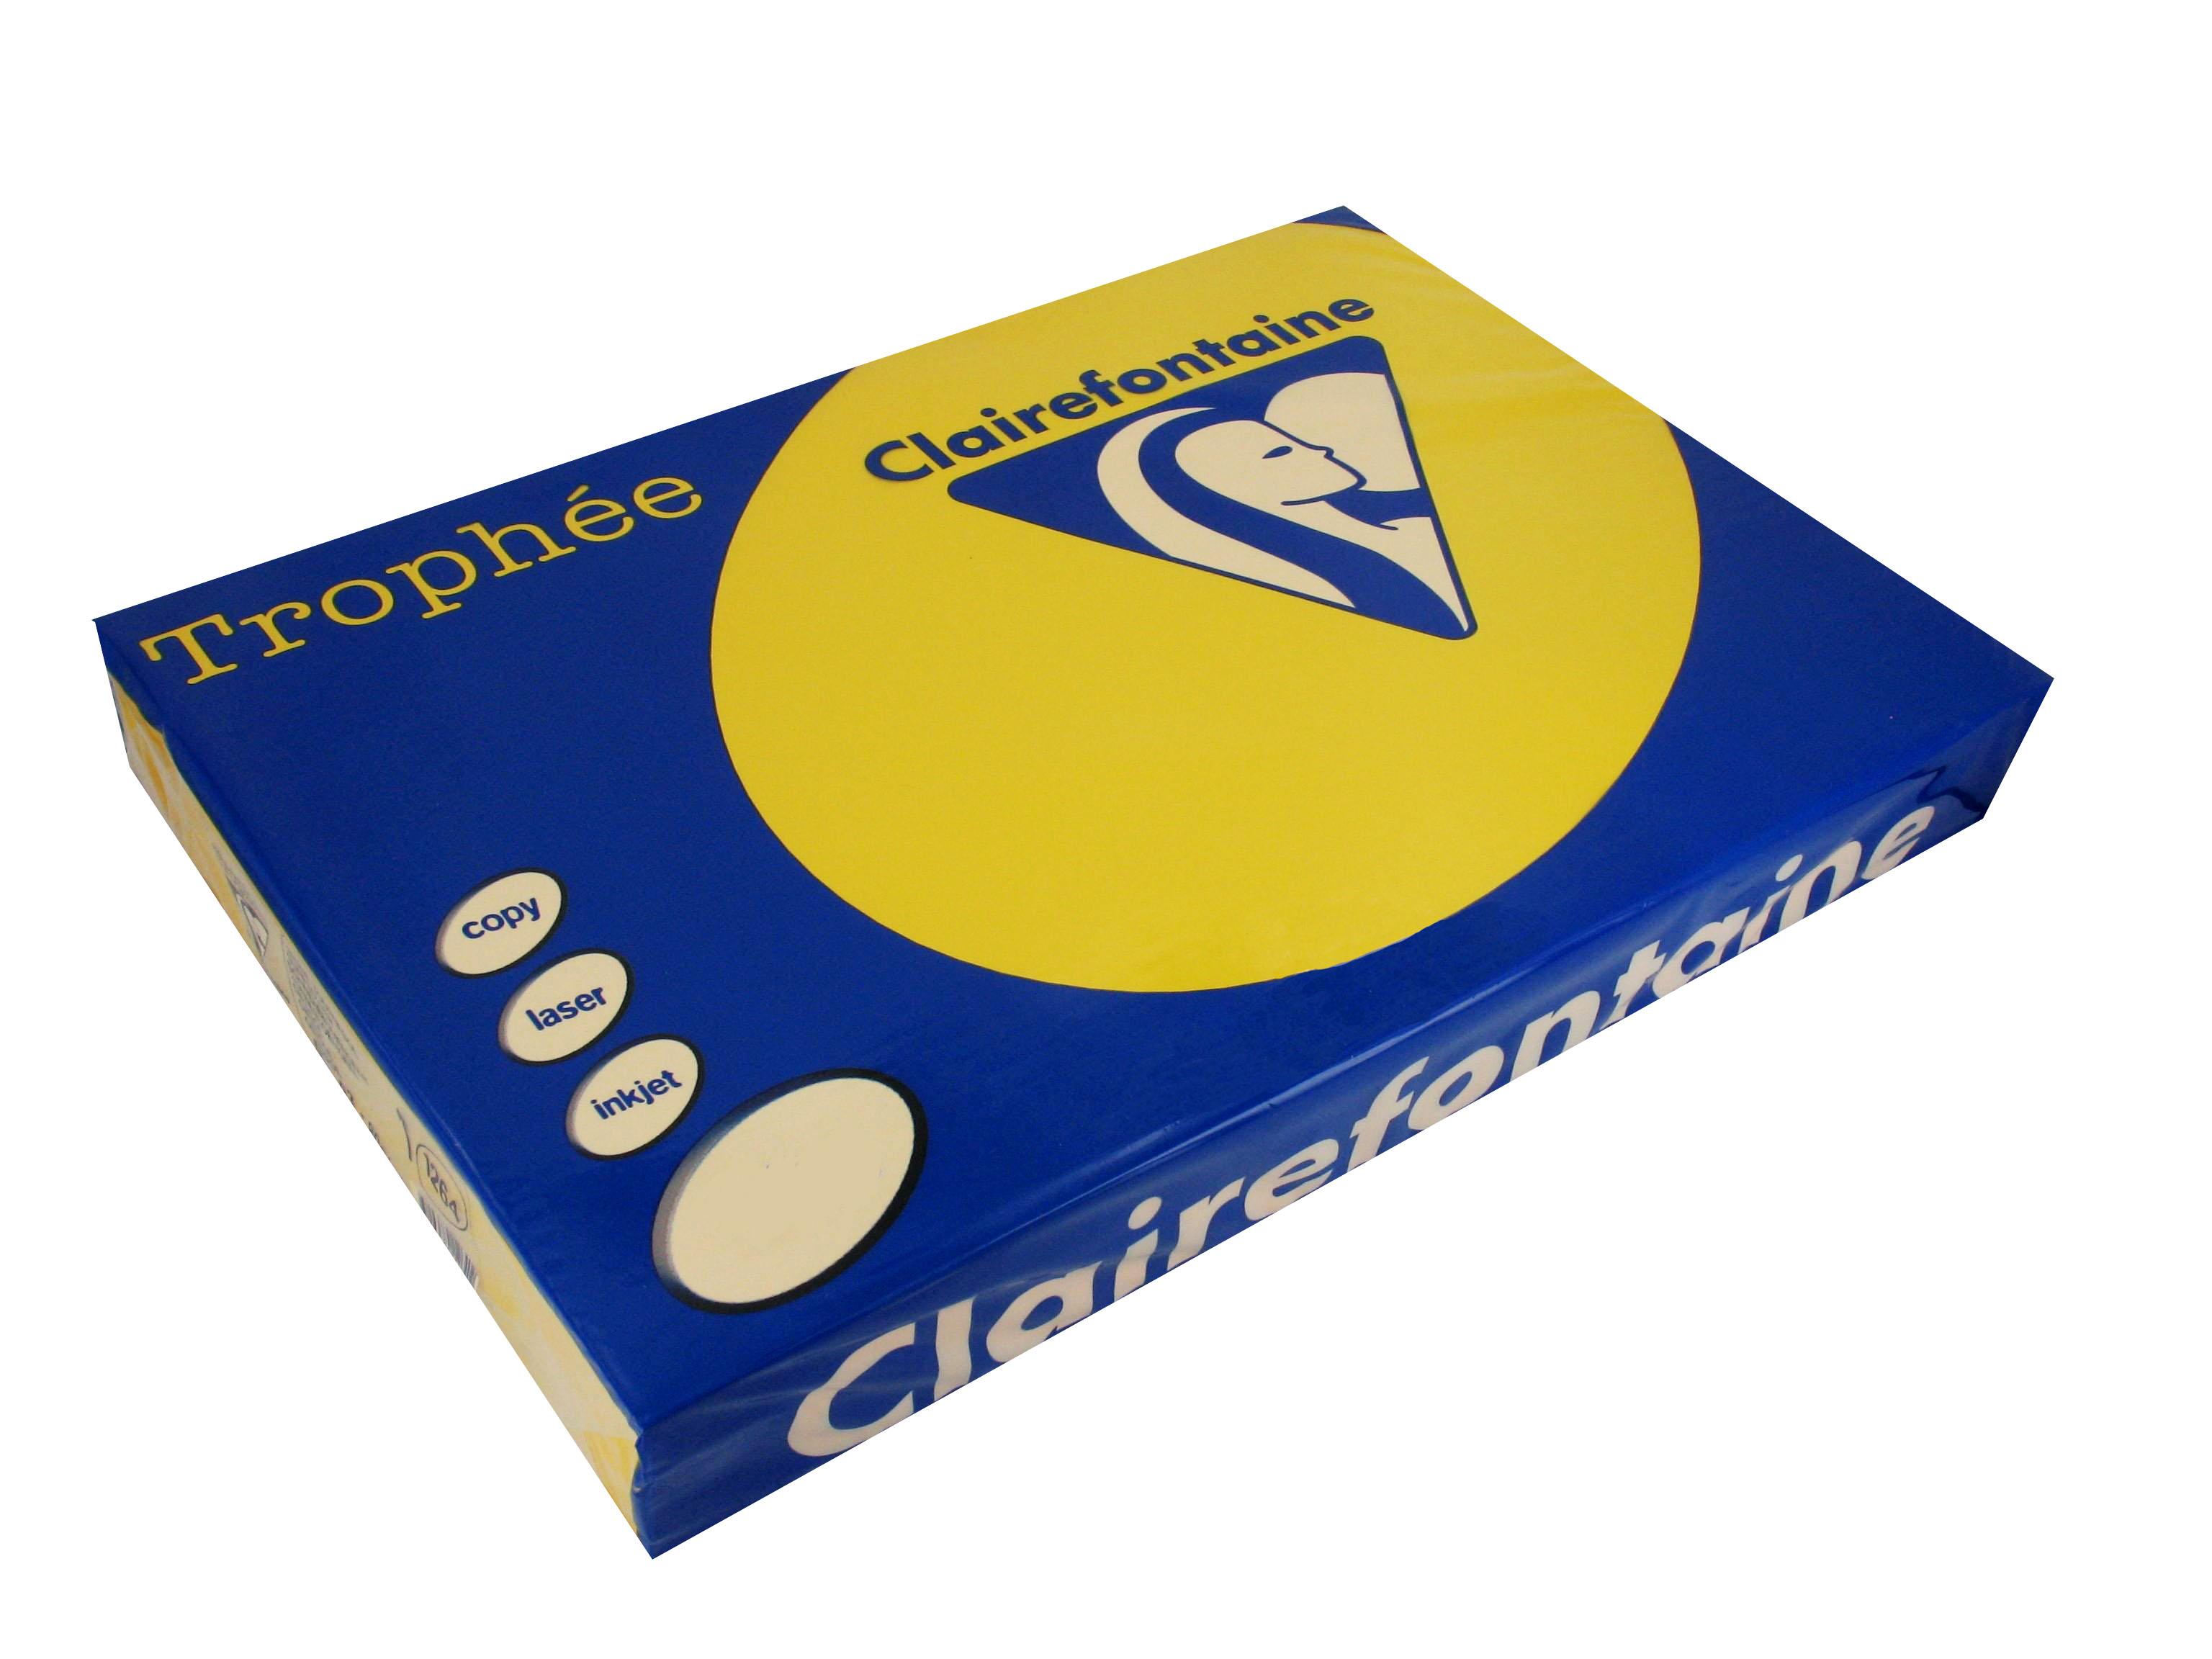 Clairefontaine Trophee Papier Ocker 160g/m² DIN-A3 - 250 Blatt